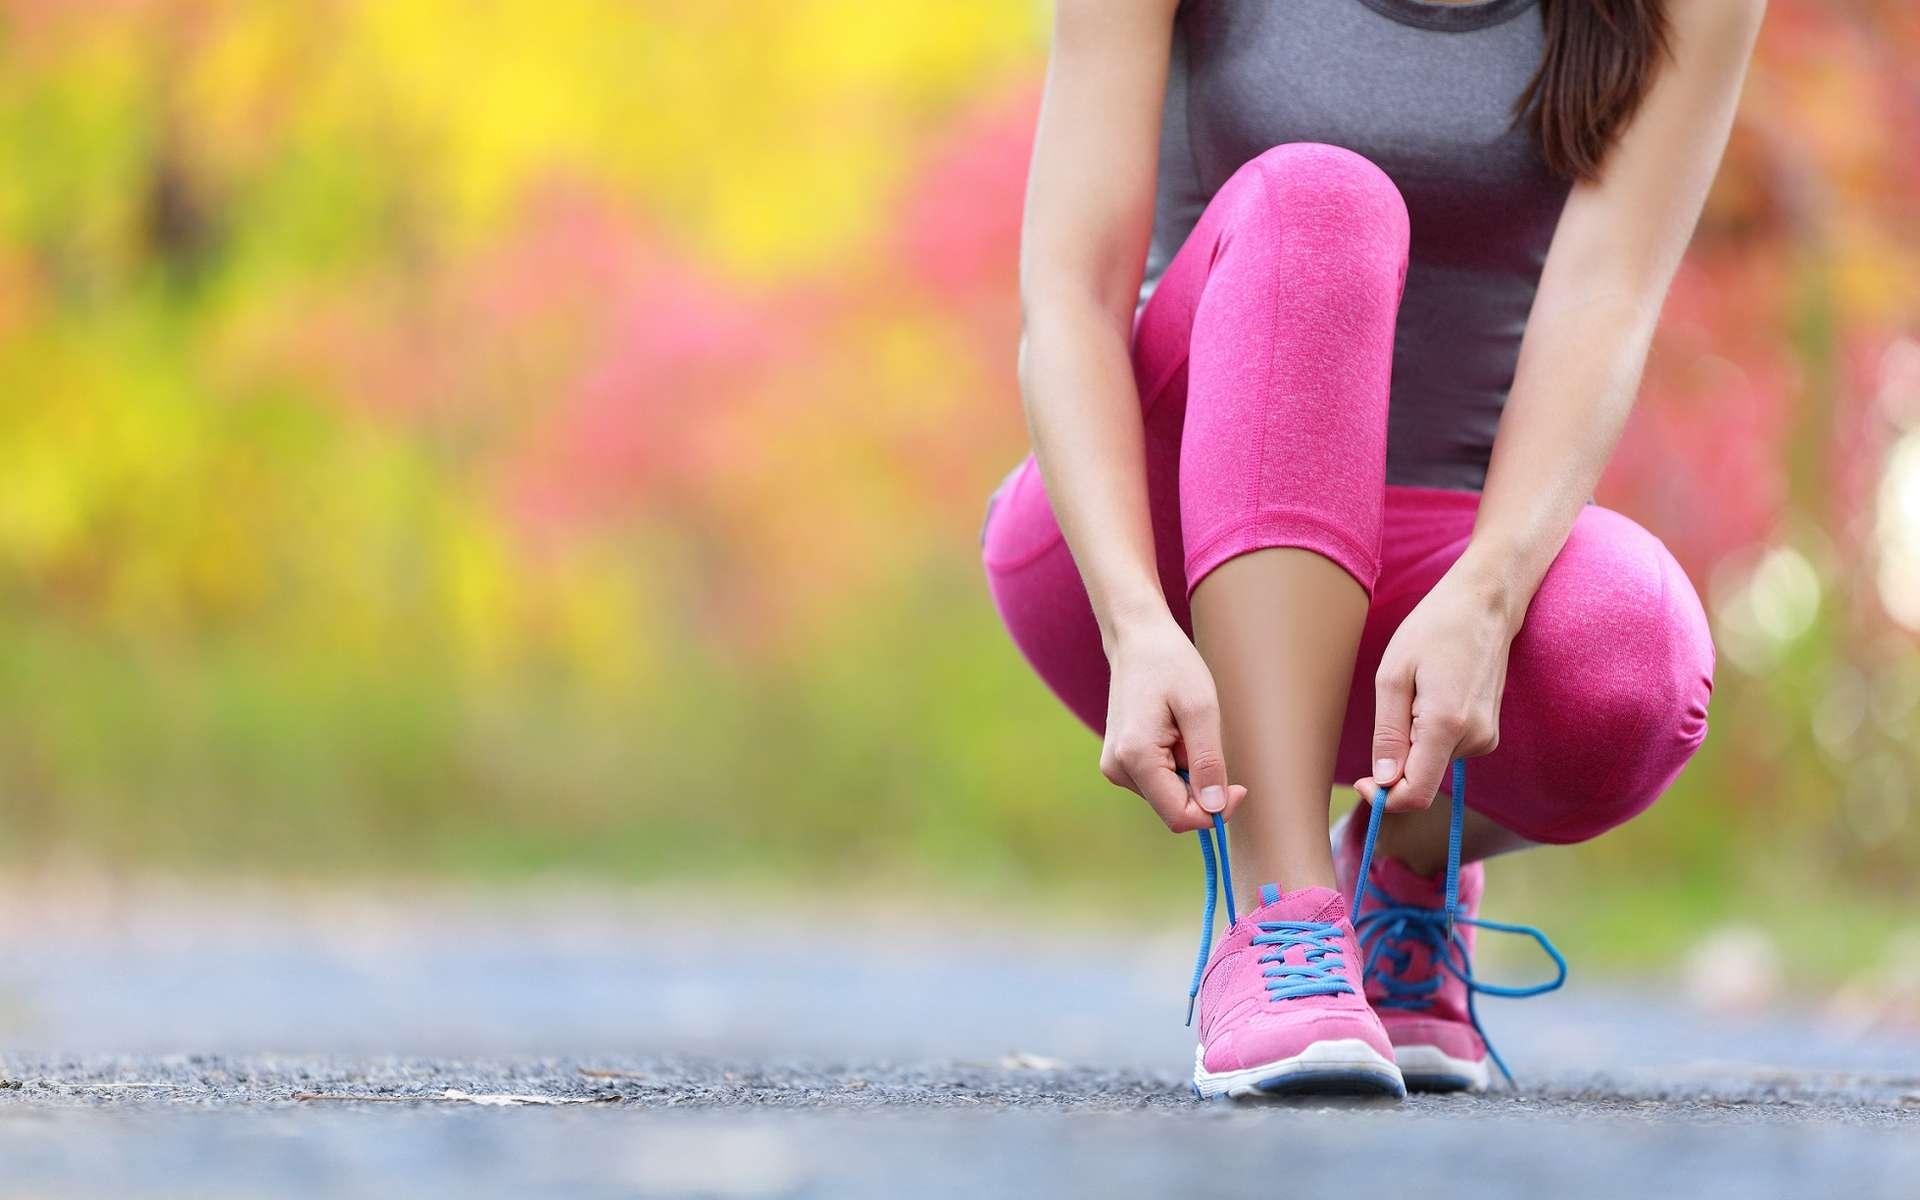 Les chaussures amortissent les chocs mais, du coup, les pieds restituent moins d'énergie pour rebondir et les muscles du pied travaillent plus. © Maridav, Shutterstock